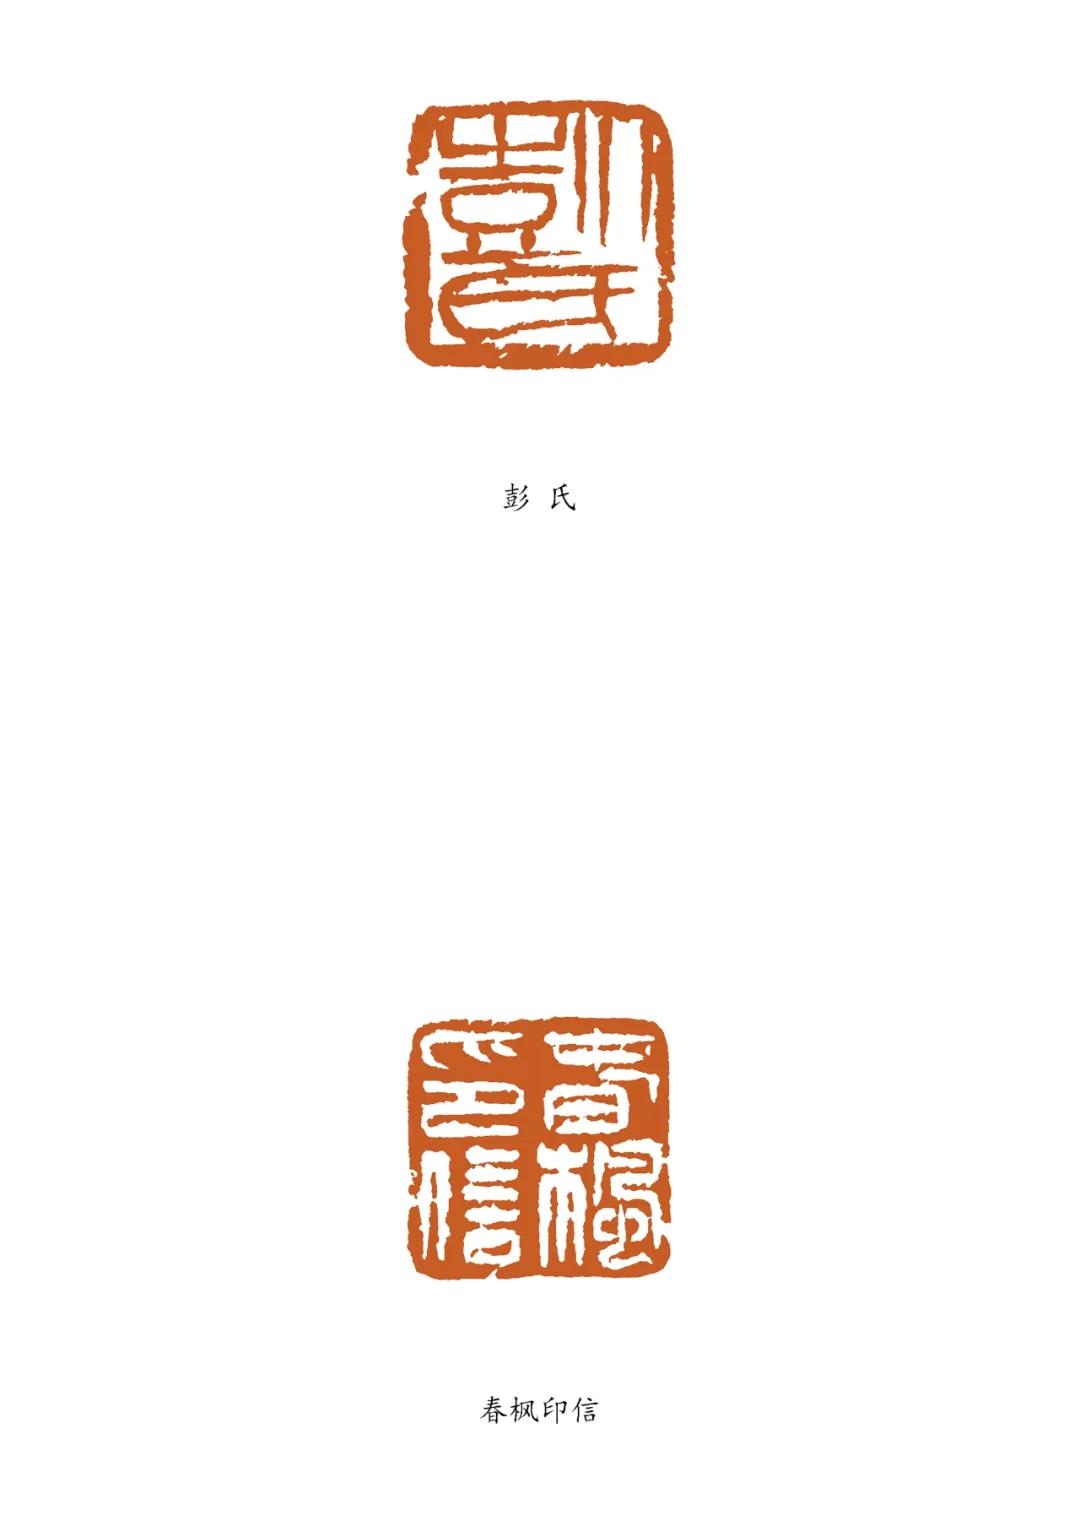 郭晓阳篆刻新作展